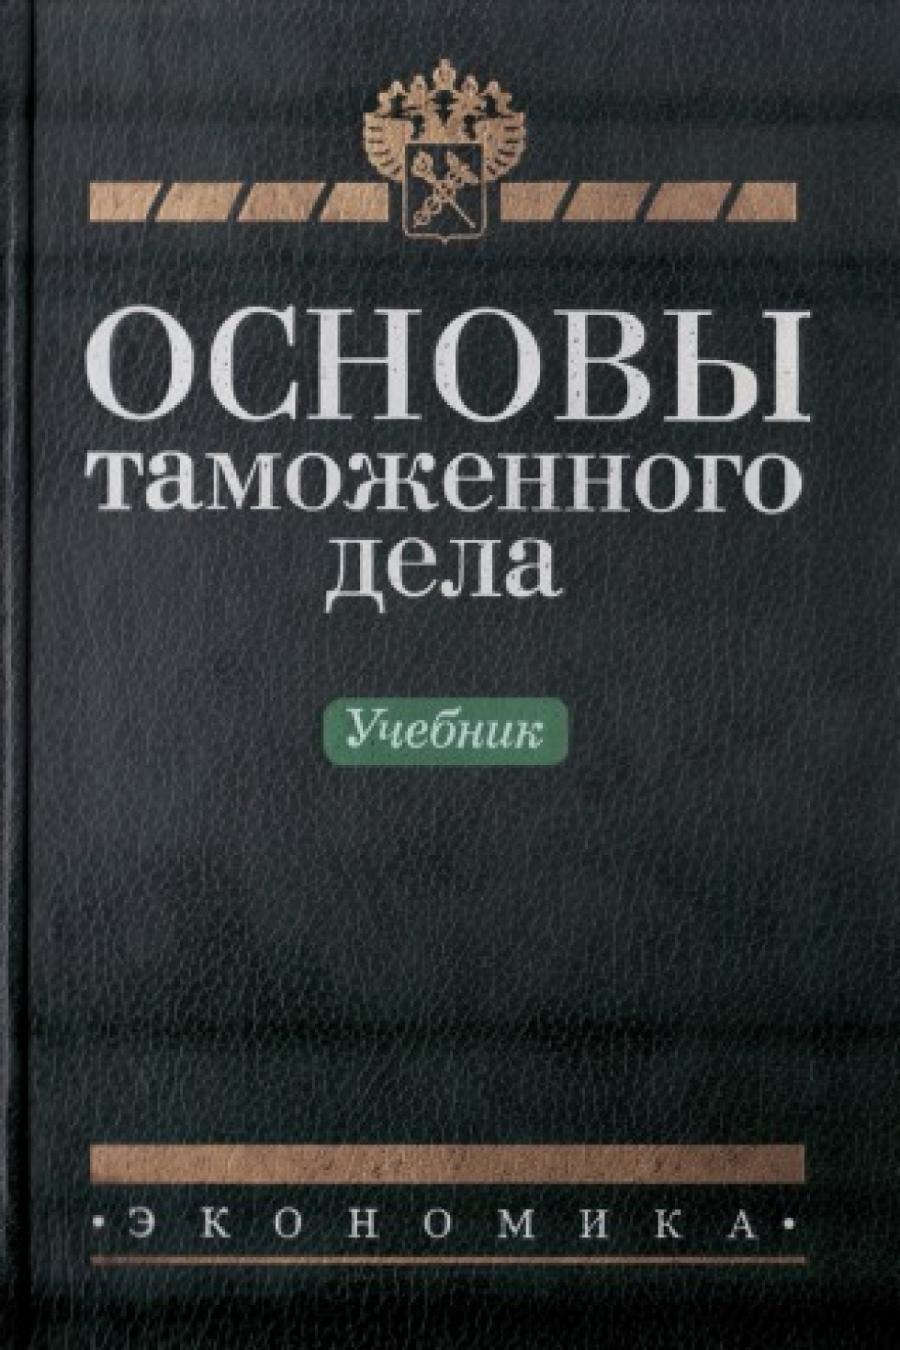 Обложка книги:  драганов в.г. - основы таможенного дела.